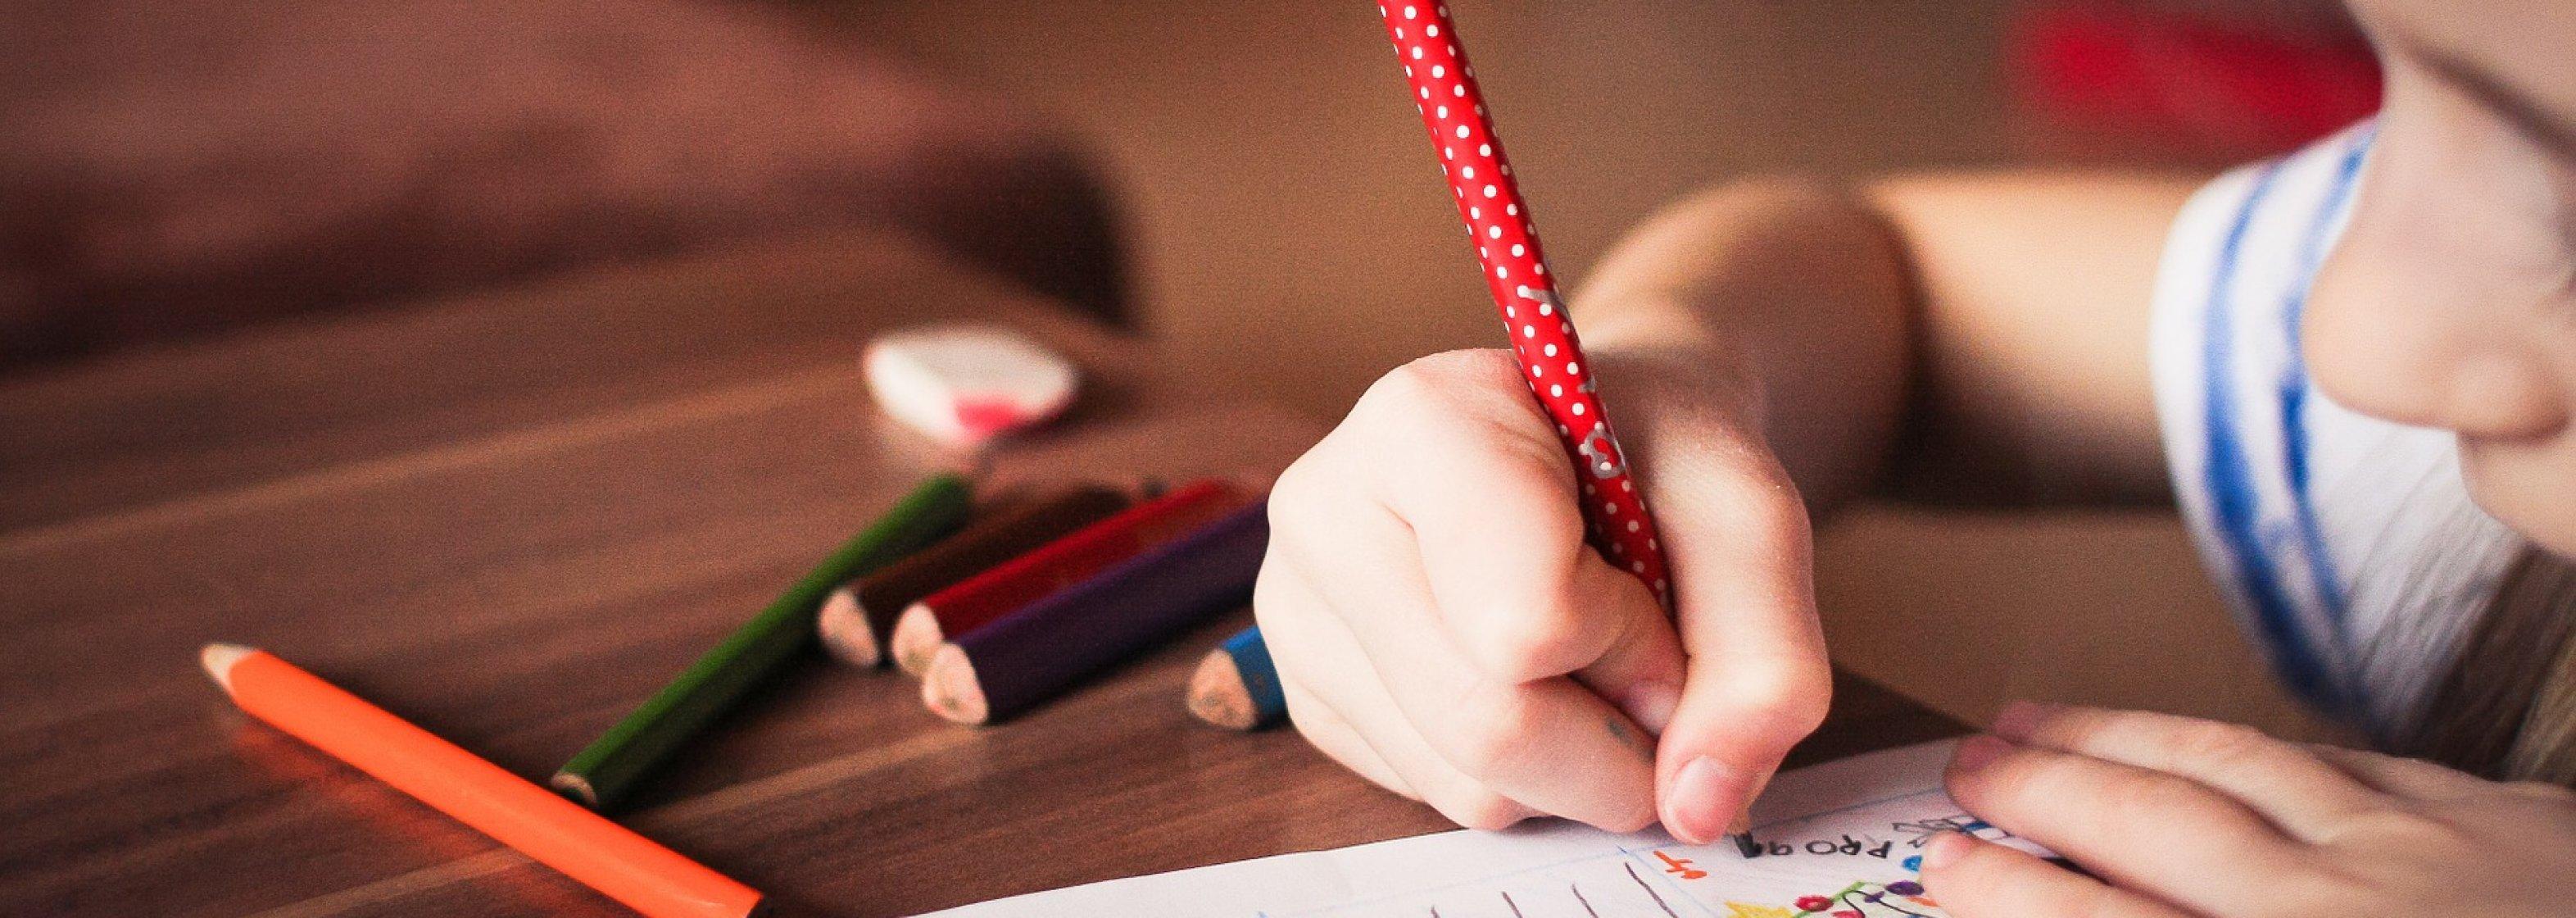 Schule: Kind schreibt mit Stiften